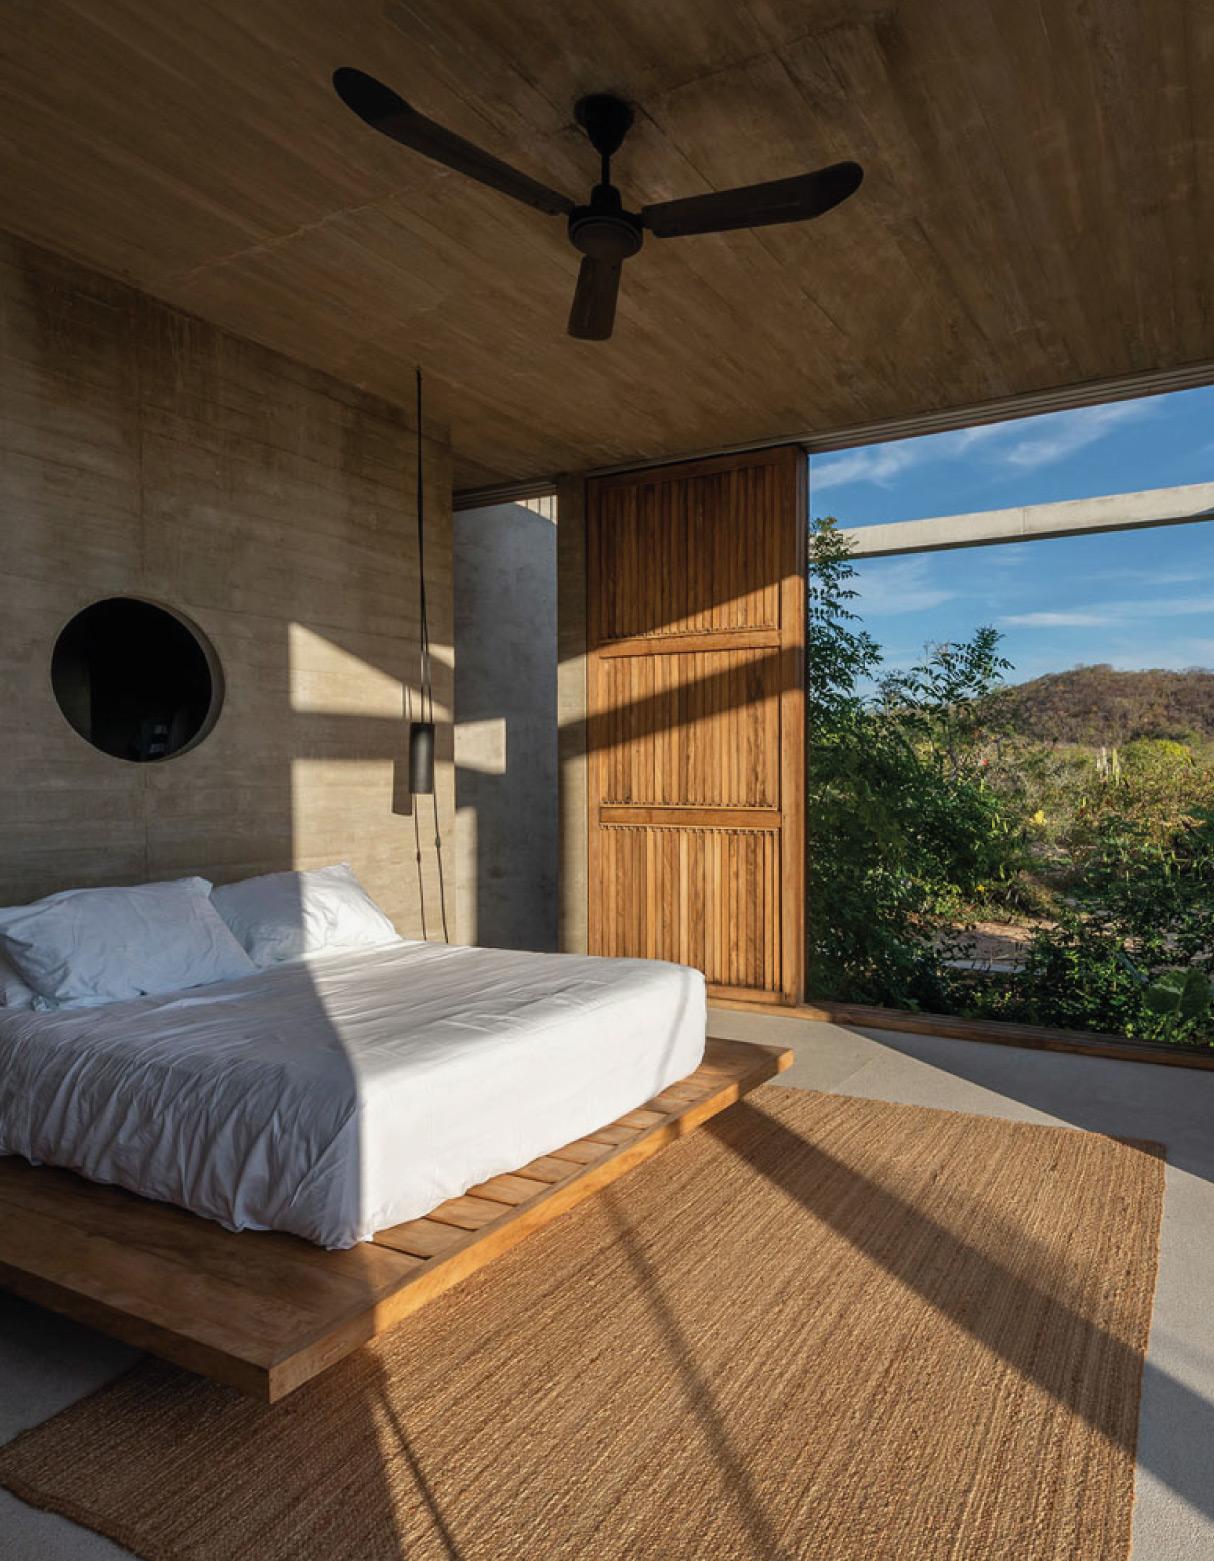 casa minimalista cosmos s-ar venustas